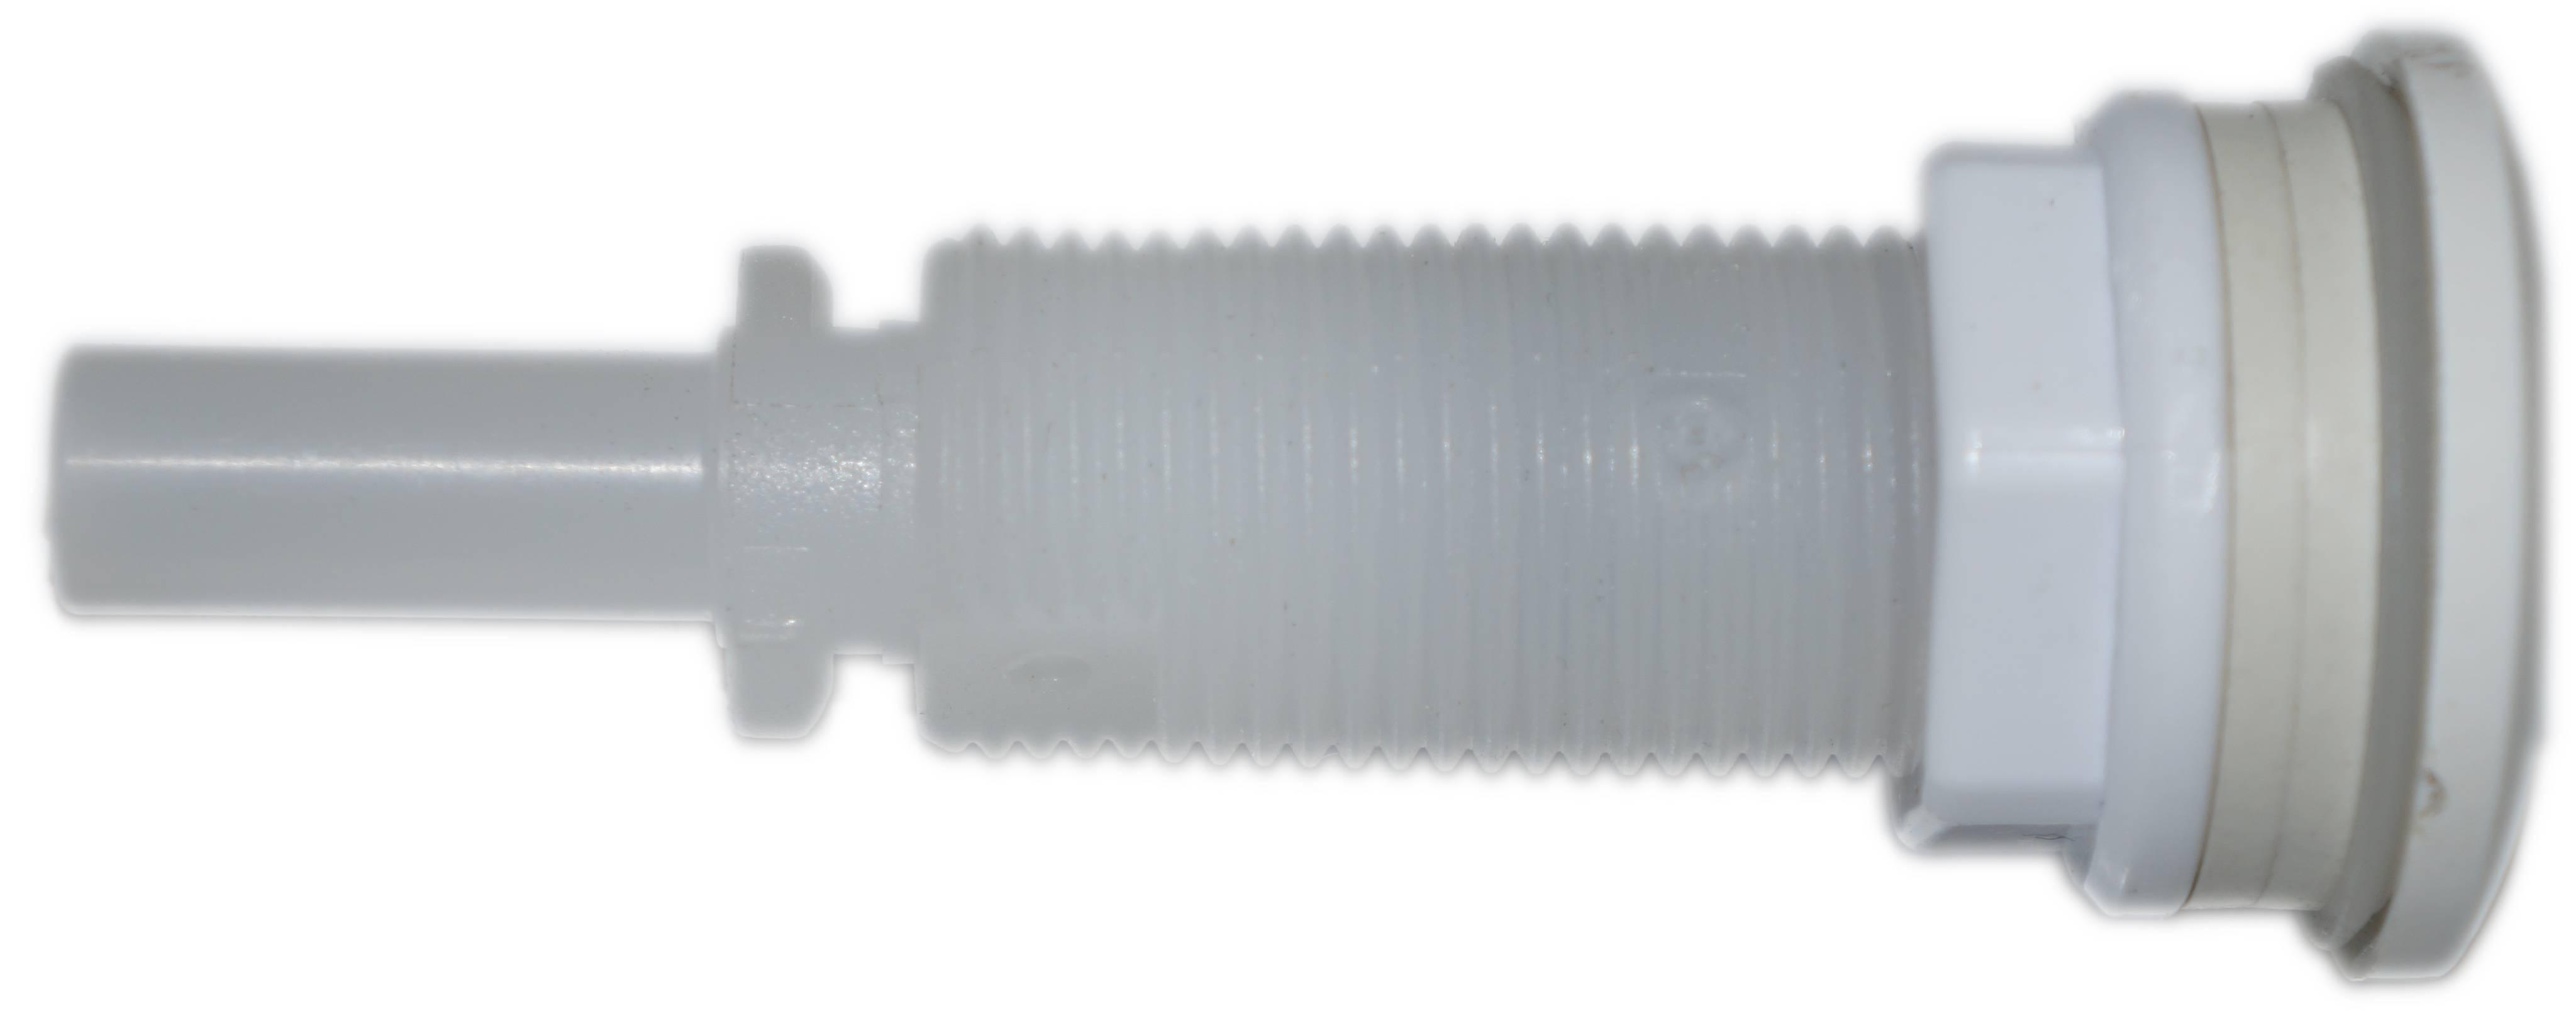 injecteur air blanc pour baignoire balneo aquaform - Pieces Detachees Baignoire Balneo